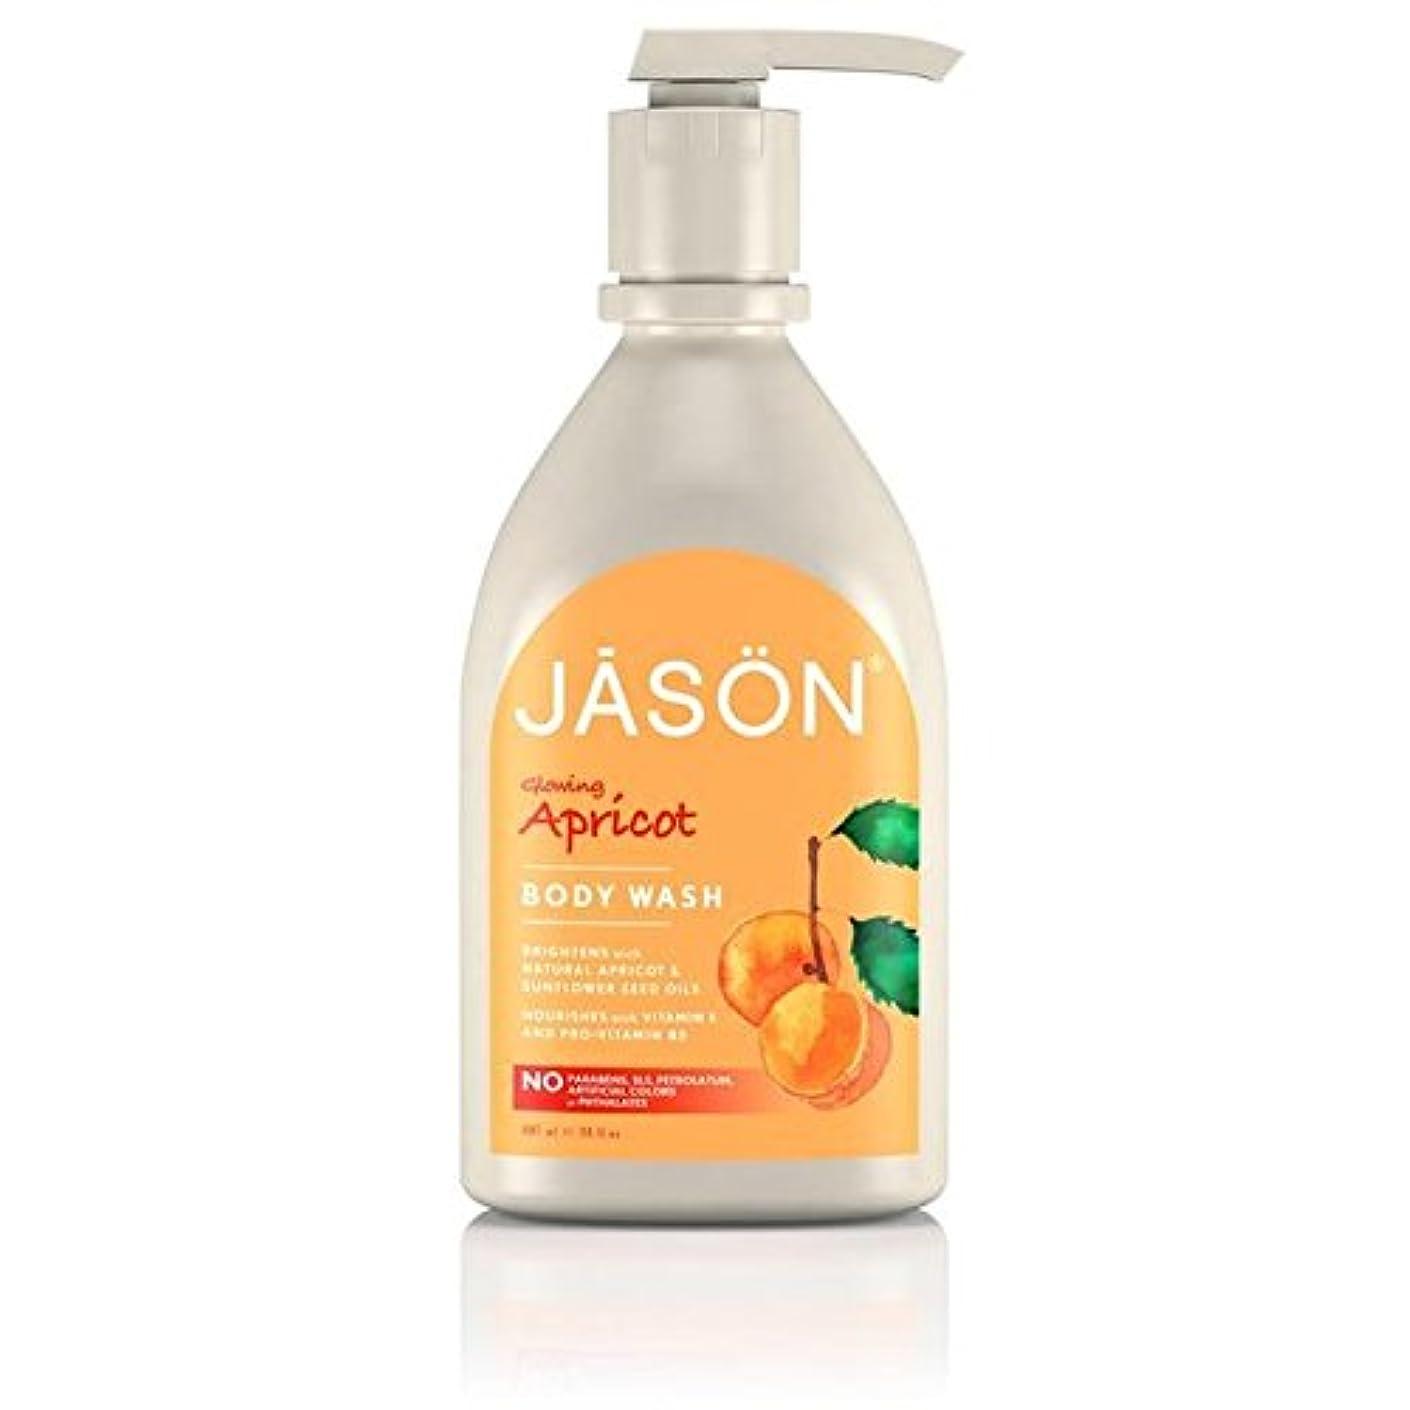 切断するアパート作り上げるJason Apricot Satin Body Wash Pump 900ml (Pack of 6) - ジェイソン?アプリコットサテンボディウォッシュポンプ900ミリリットル x6 [並行輸入品]